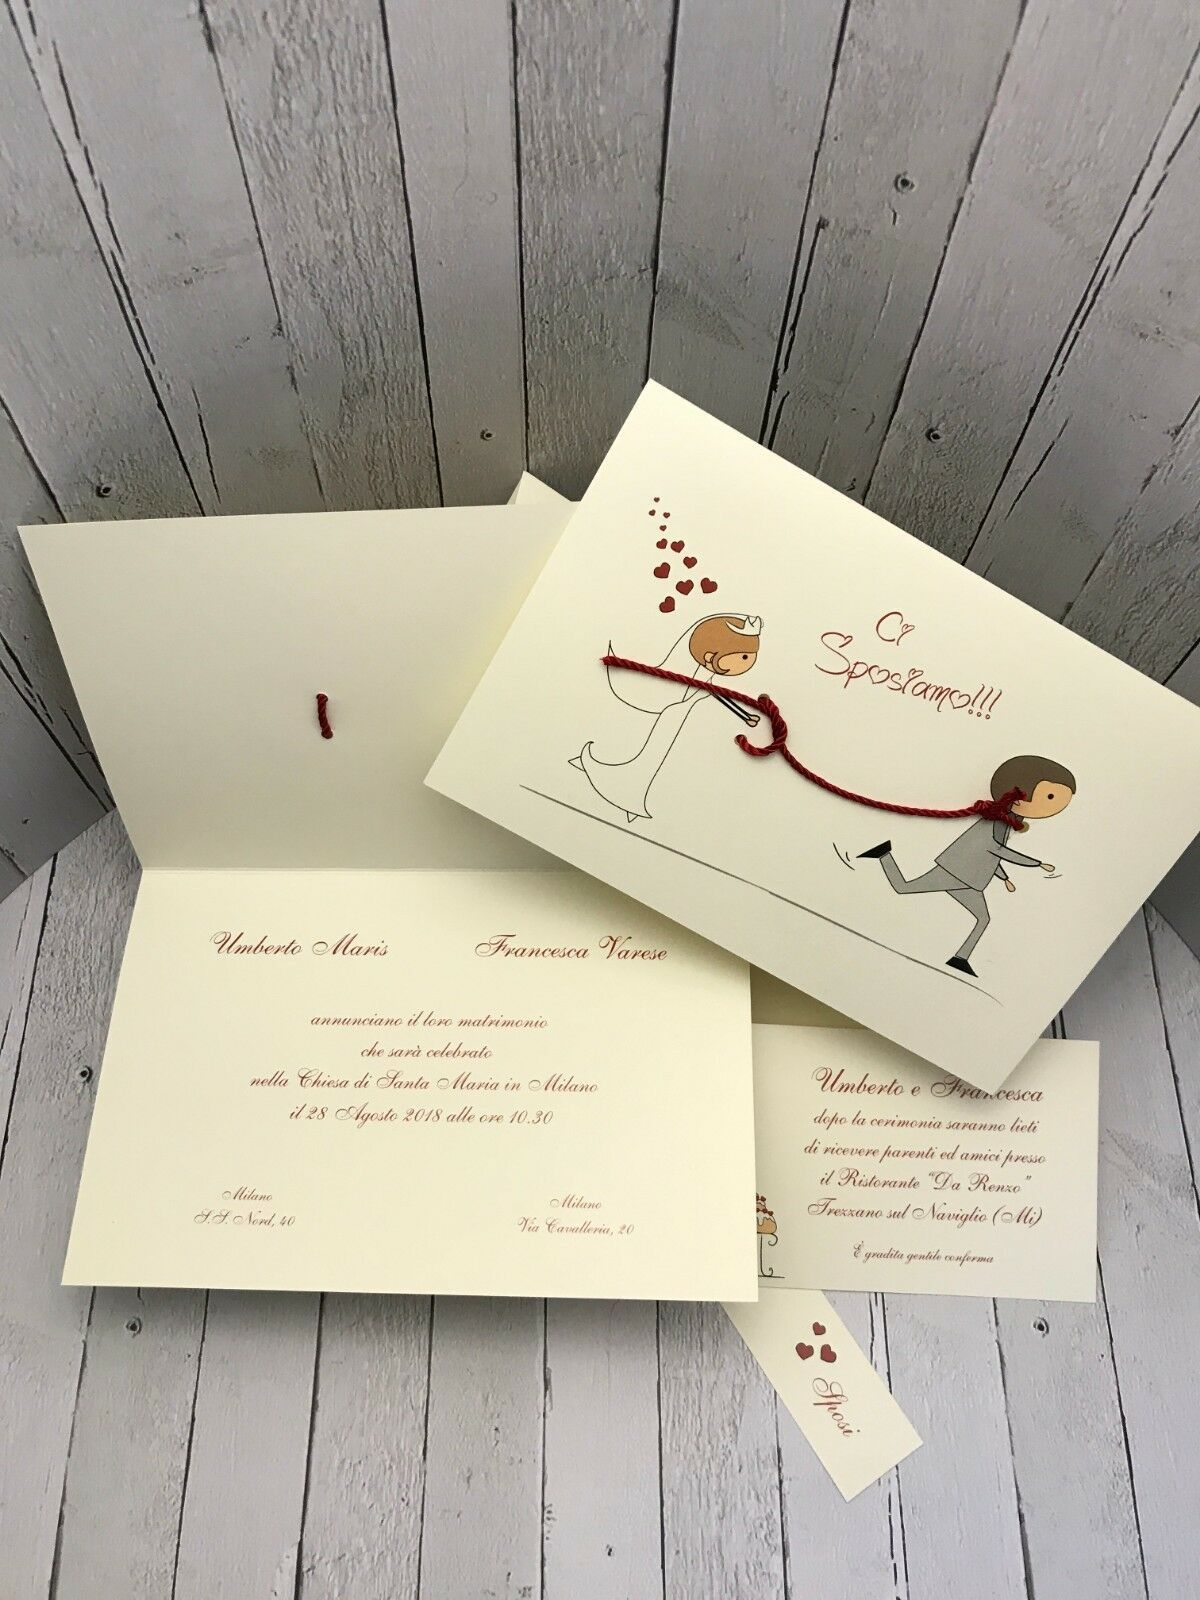 Partecipazioni Matrimonio Varese.Partecipazioni Nozze Inviti Wedding Buonanno New Comics C013